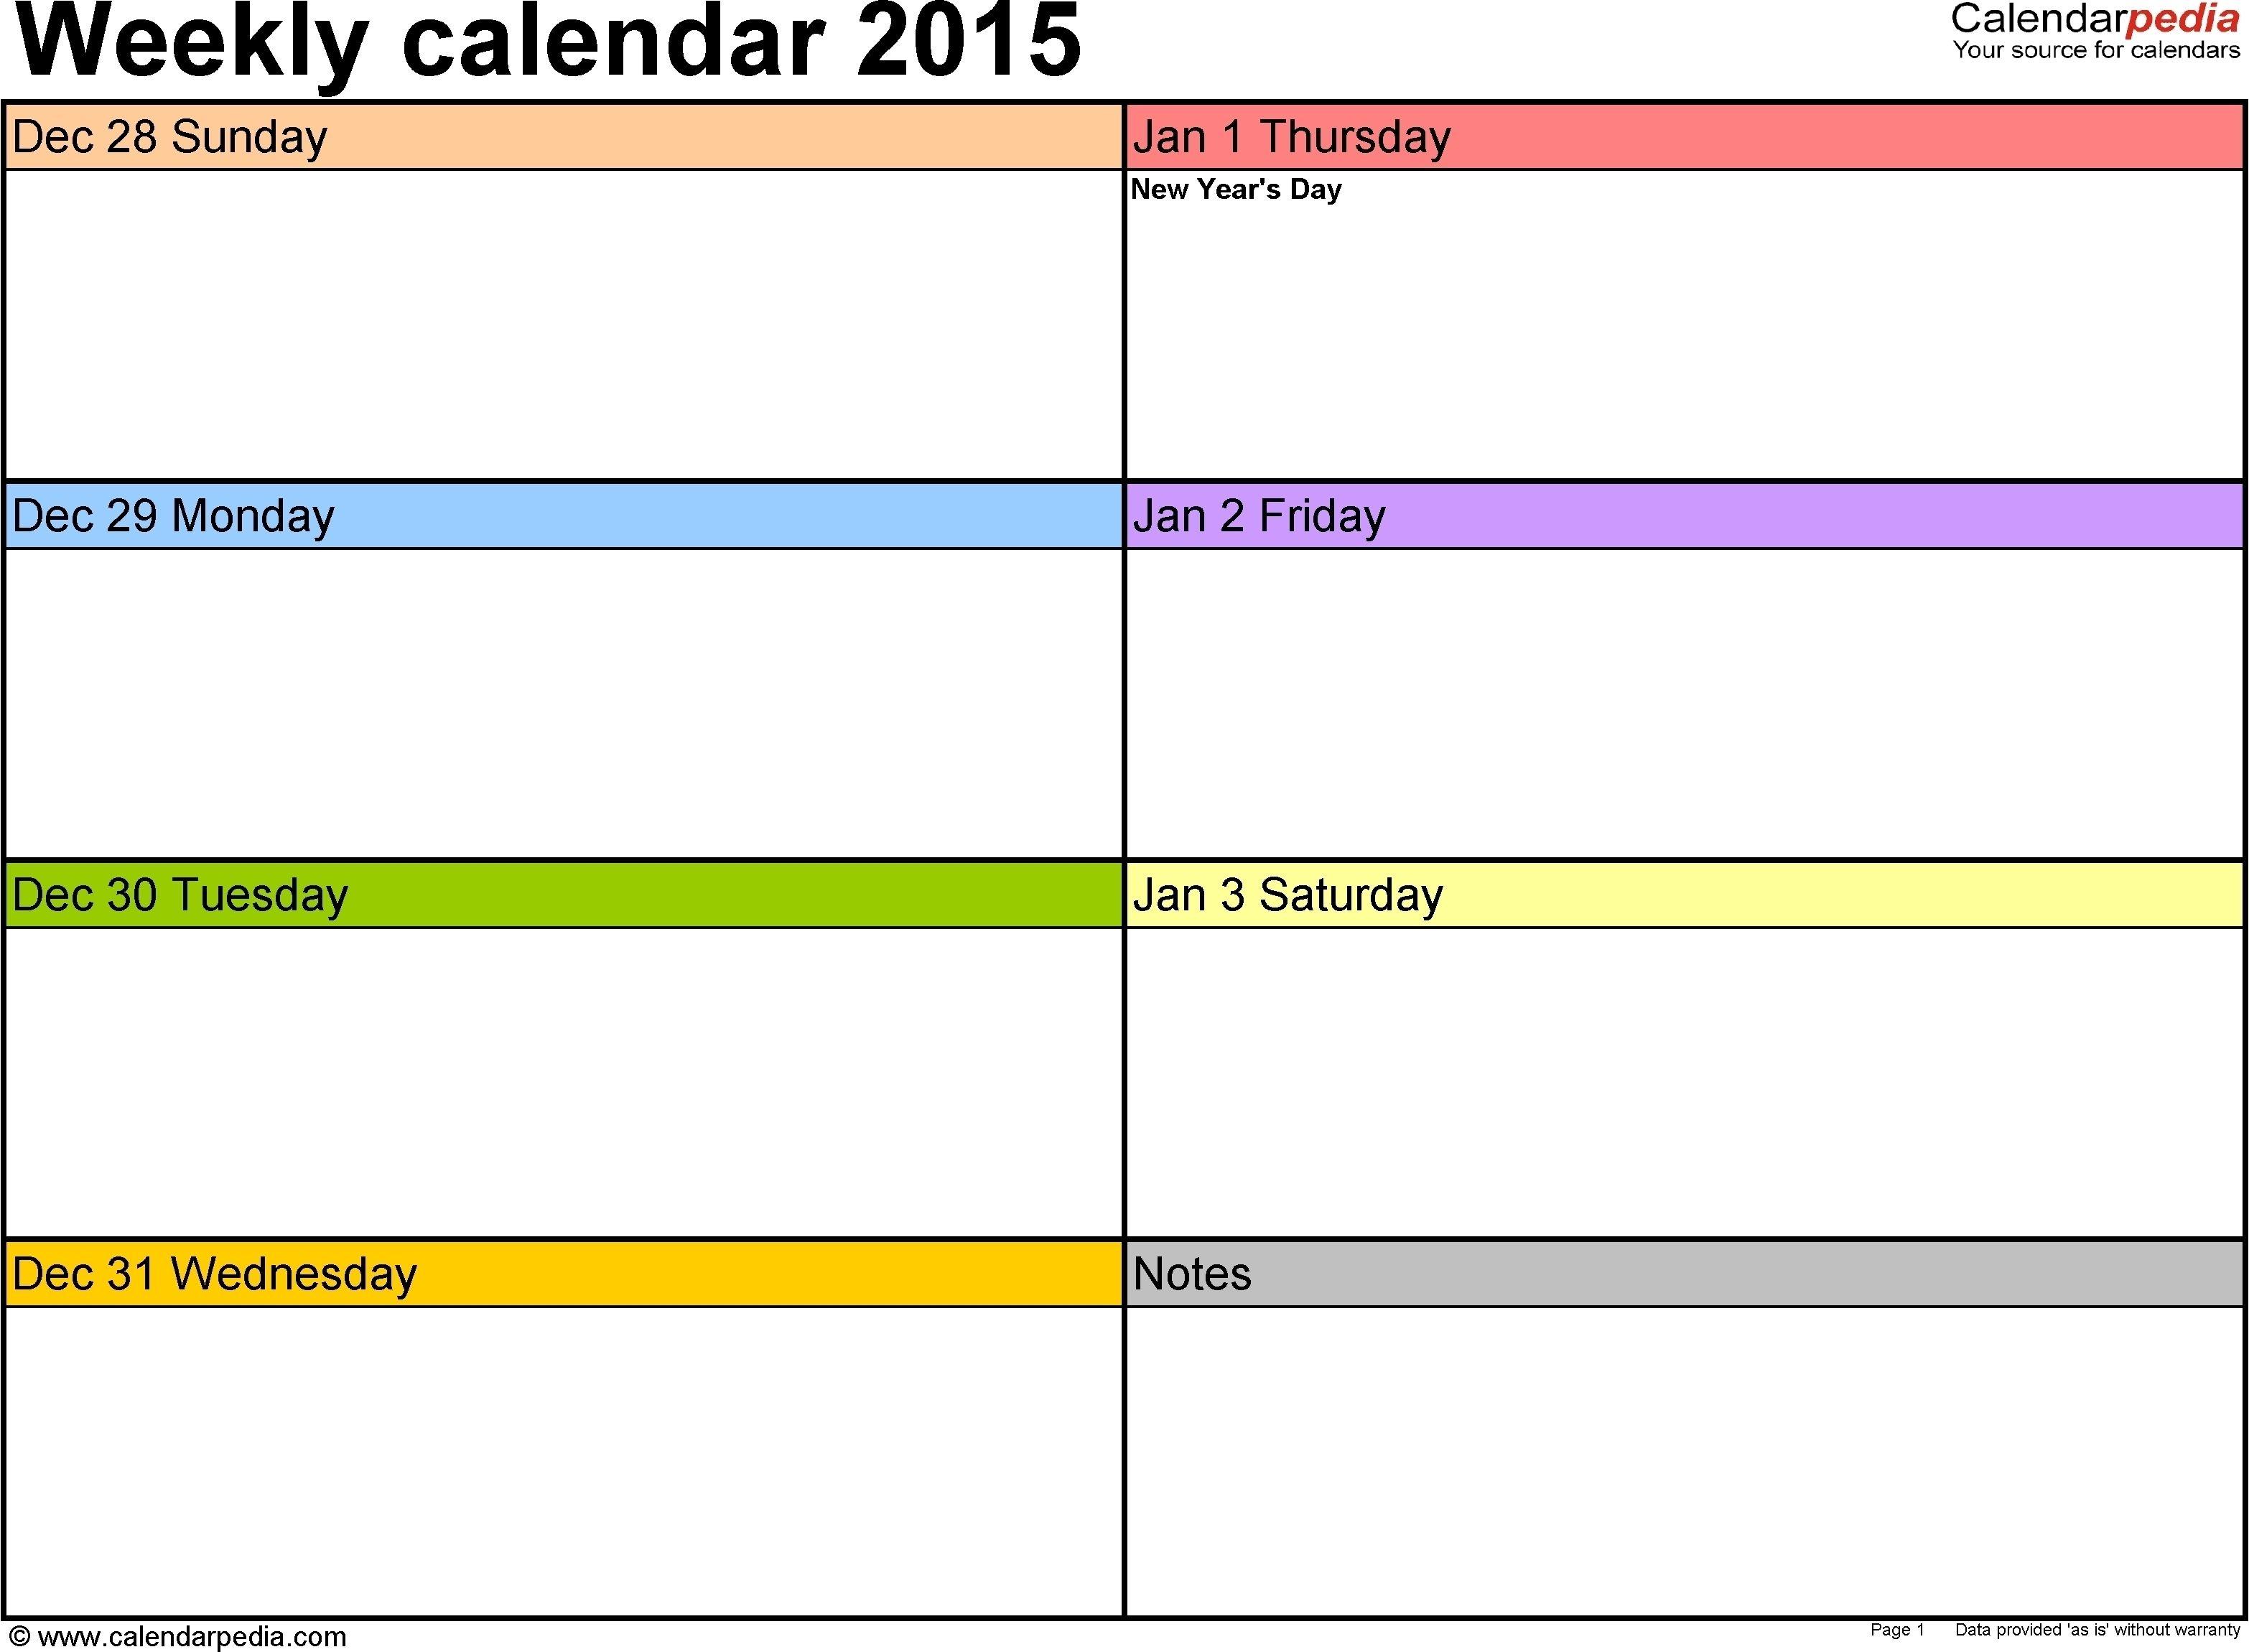 Blank Weekly Calendars Printable Weekly Calendar Template Blank